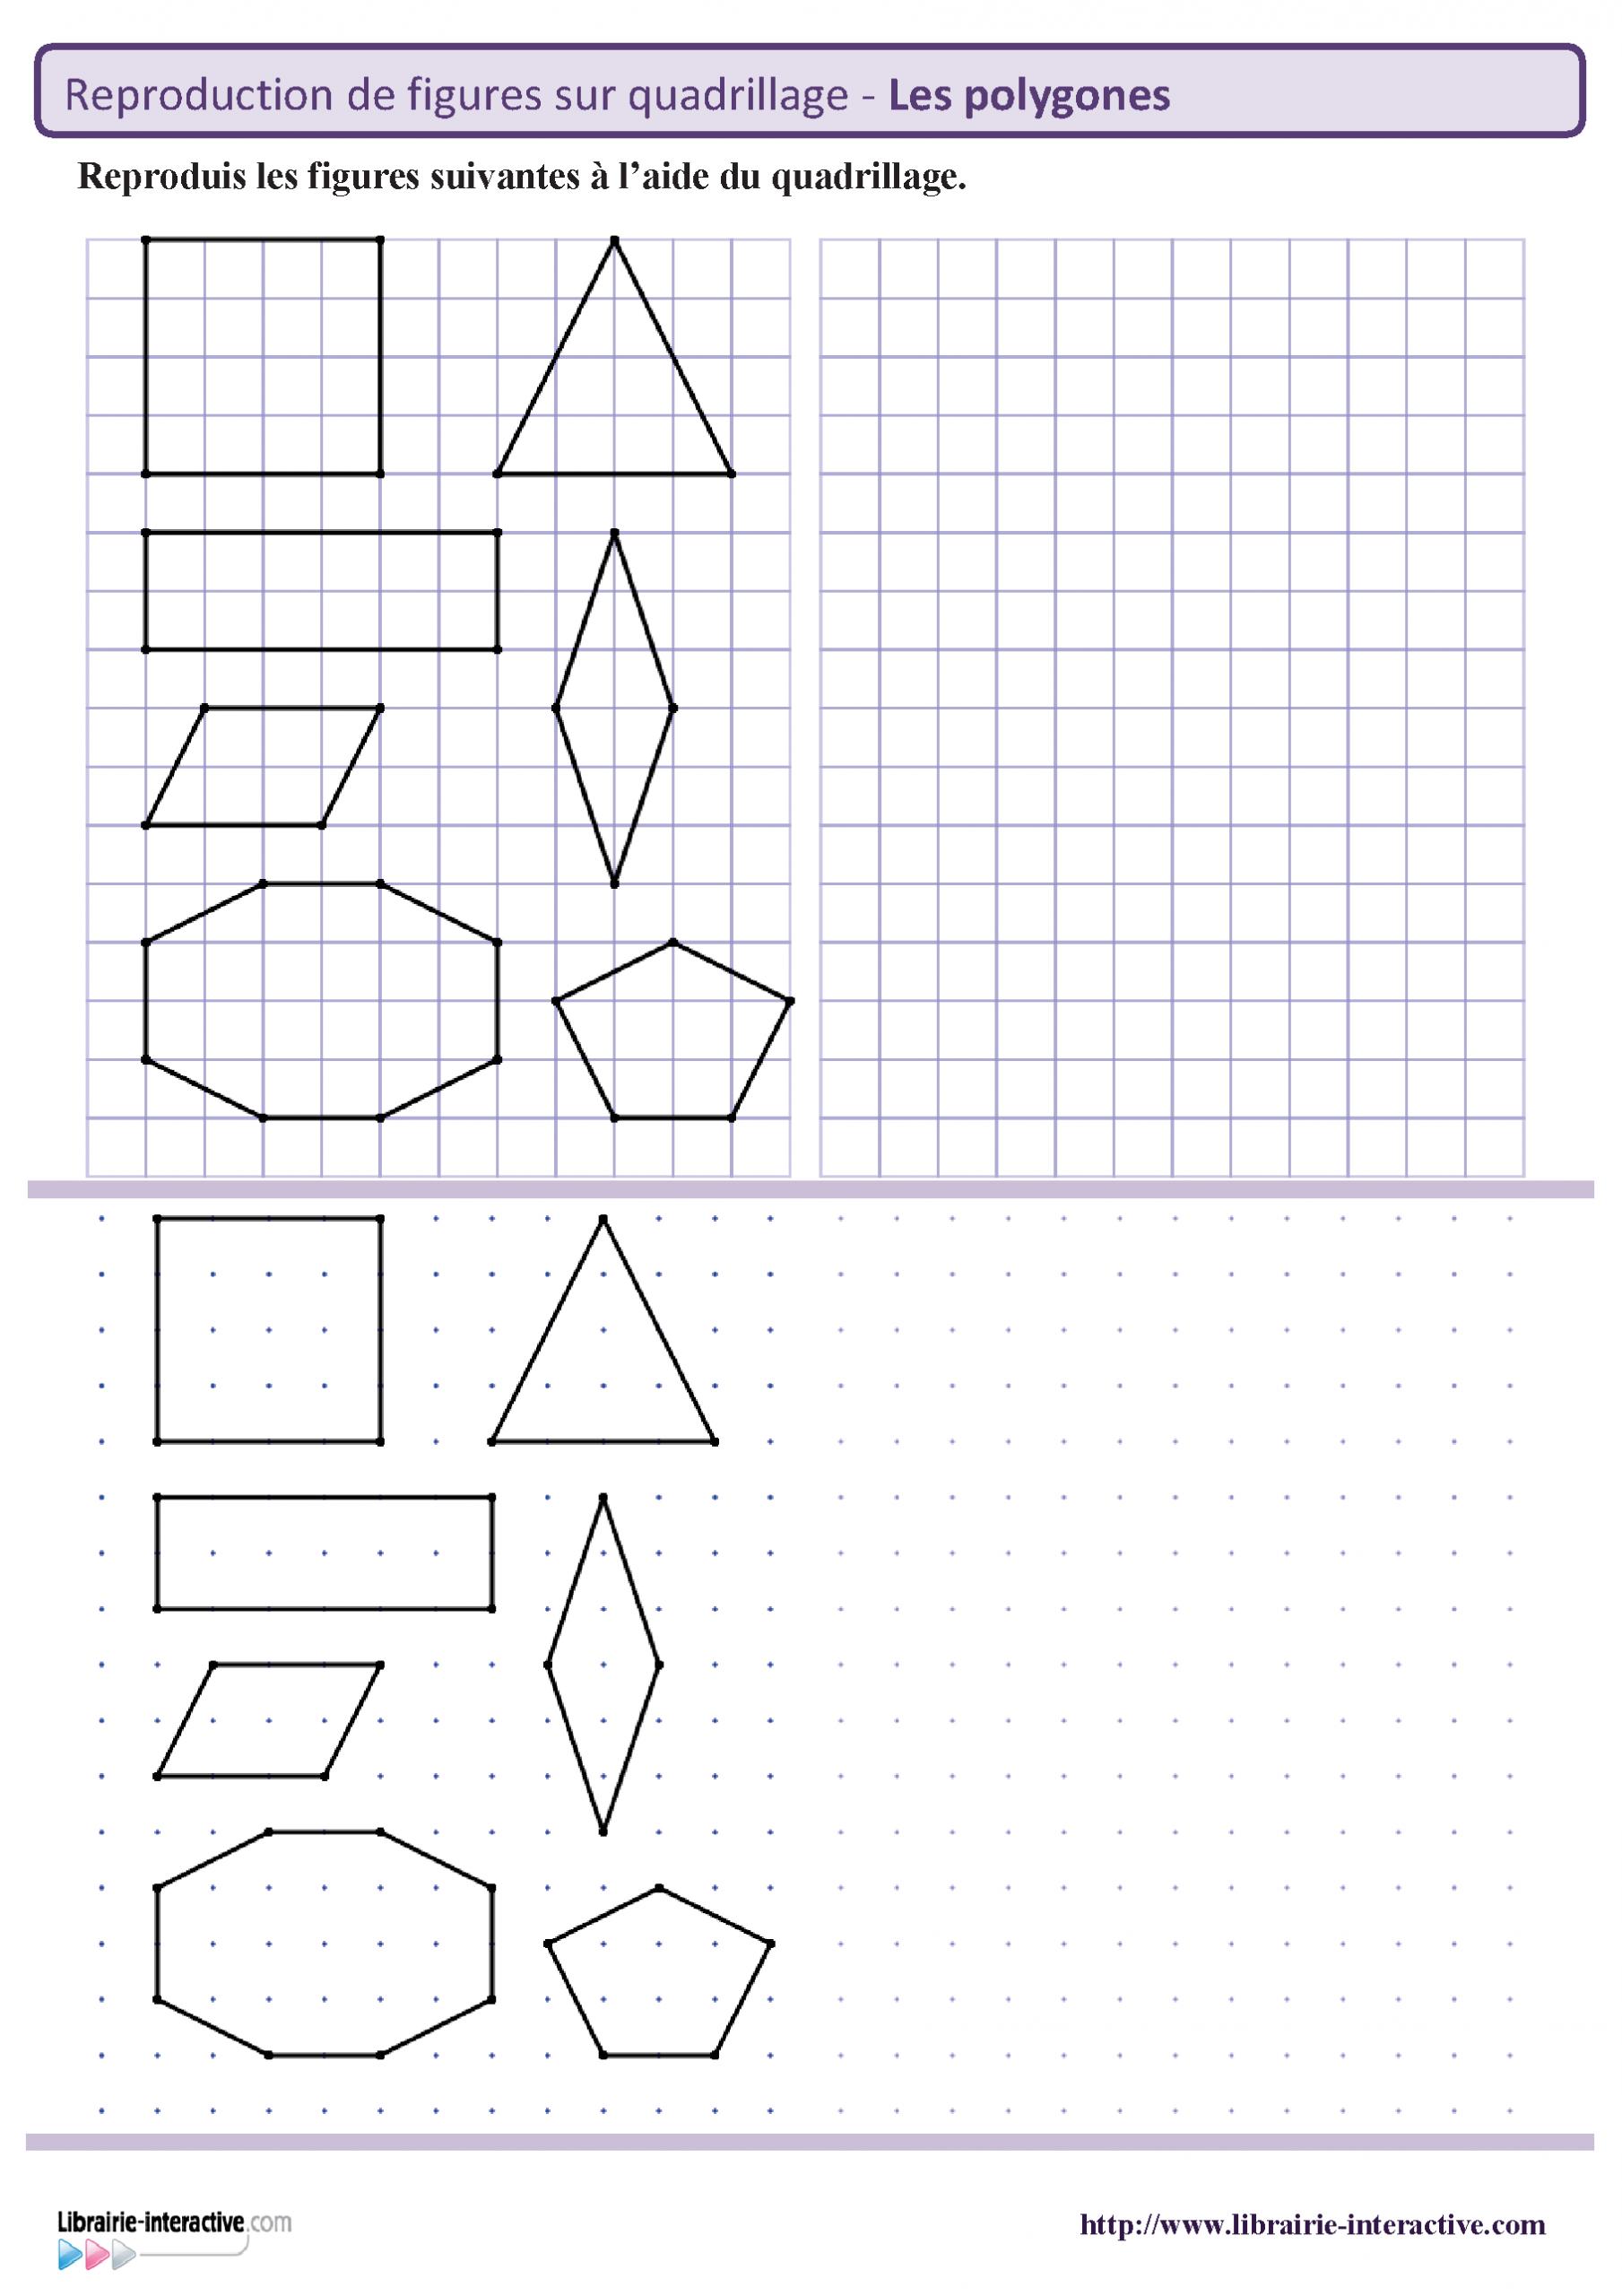 Reproduction Des Principaux Polygones Sur Quadrillage Et intérieur Reproduction De Figures Sur Quadrillage